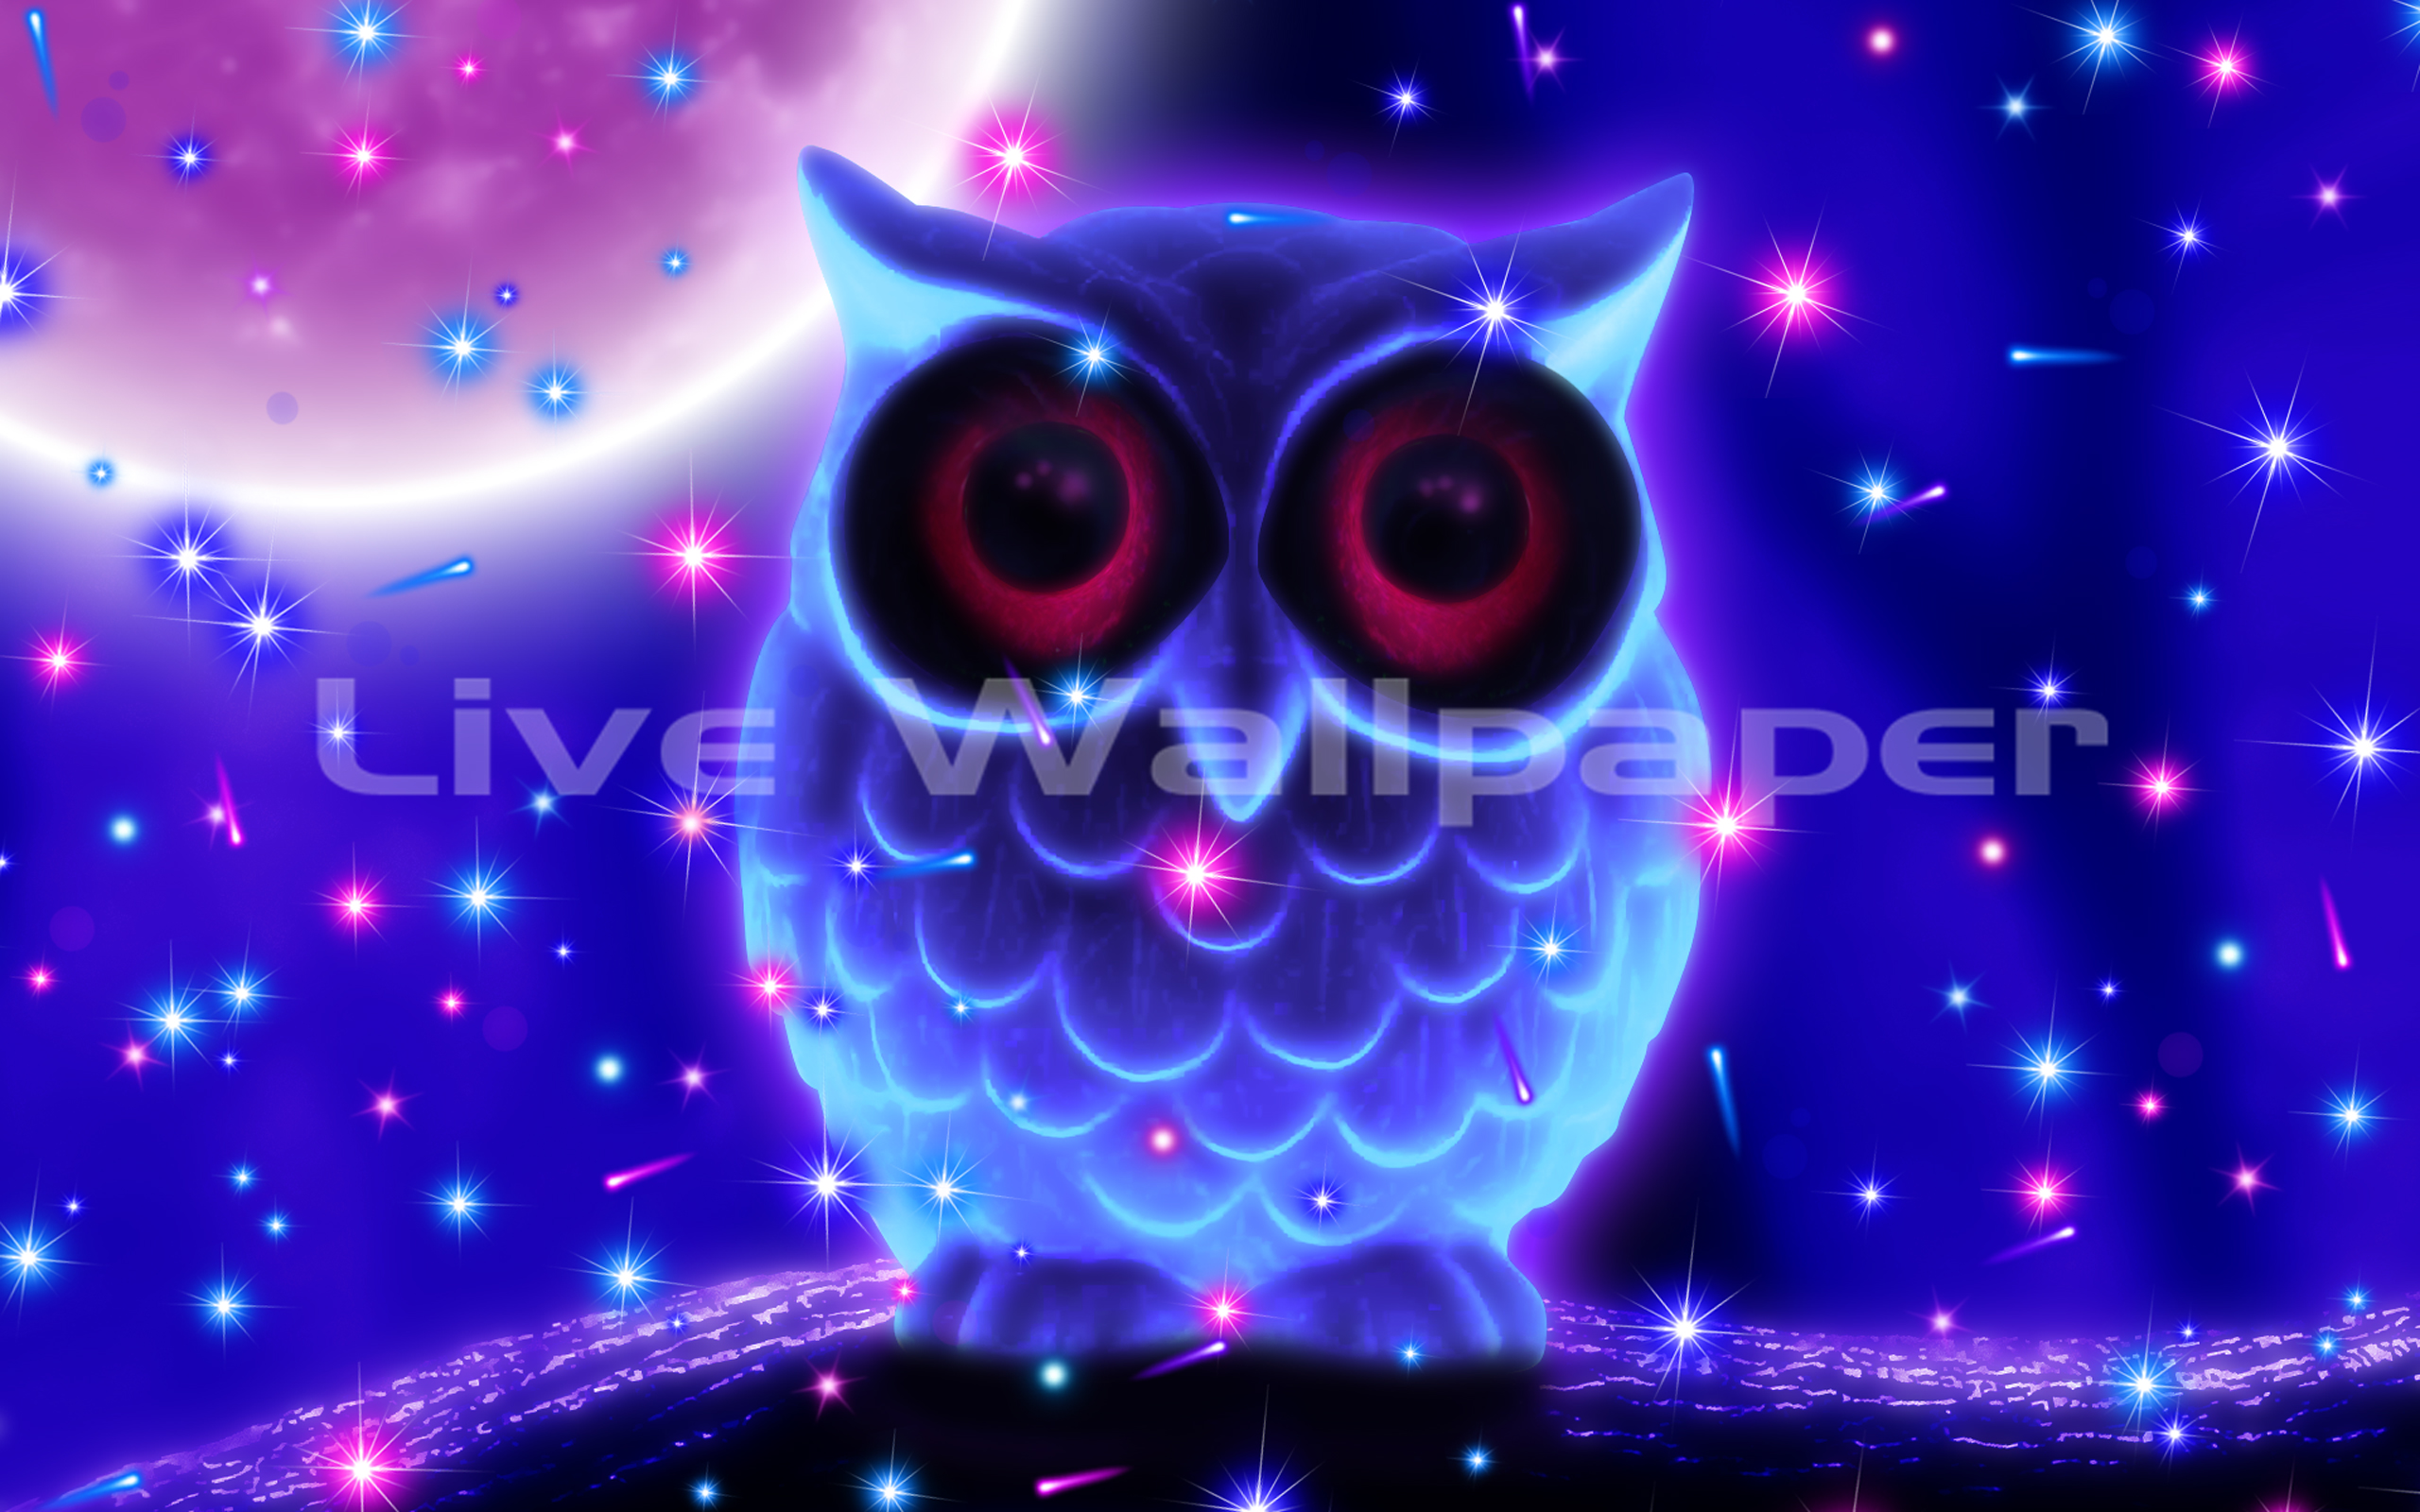 Neon Owl: Amazon.com.br: Amazon Appstore